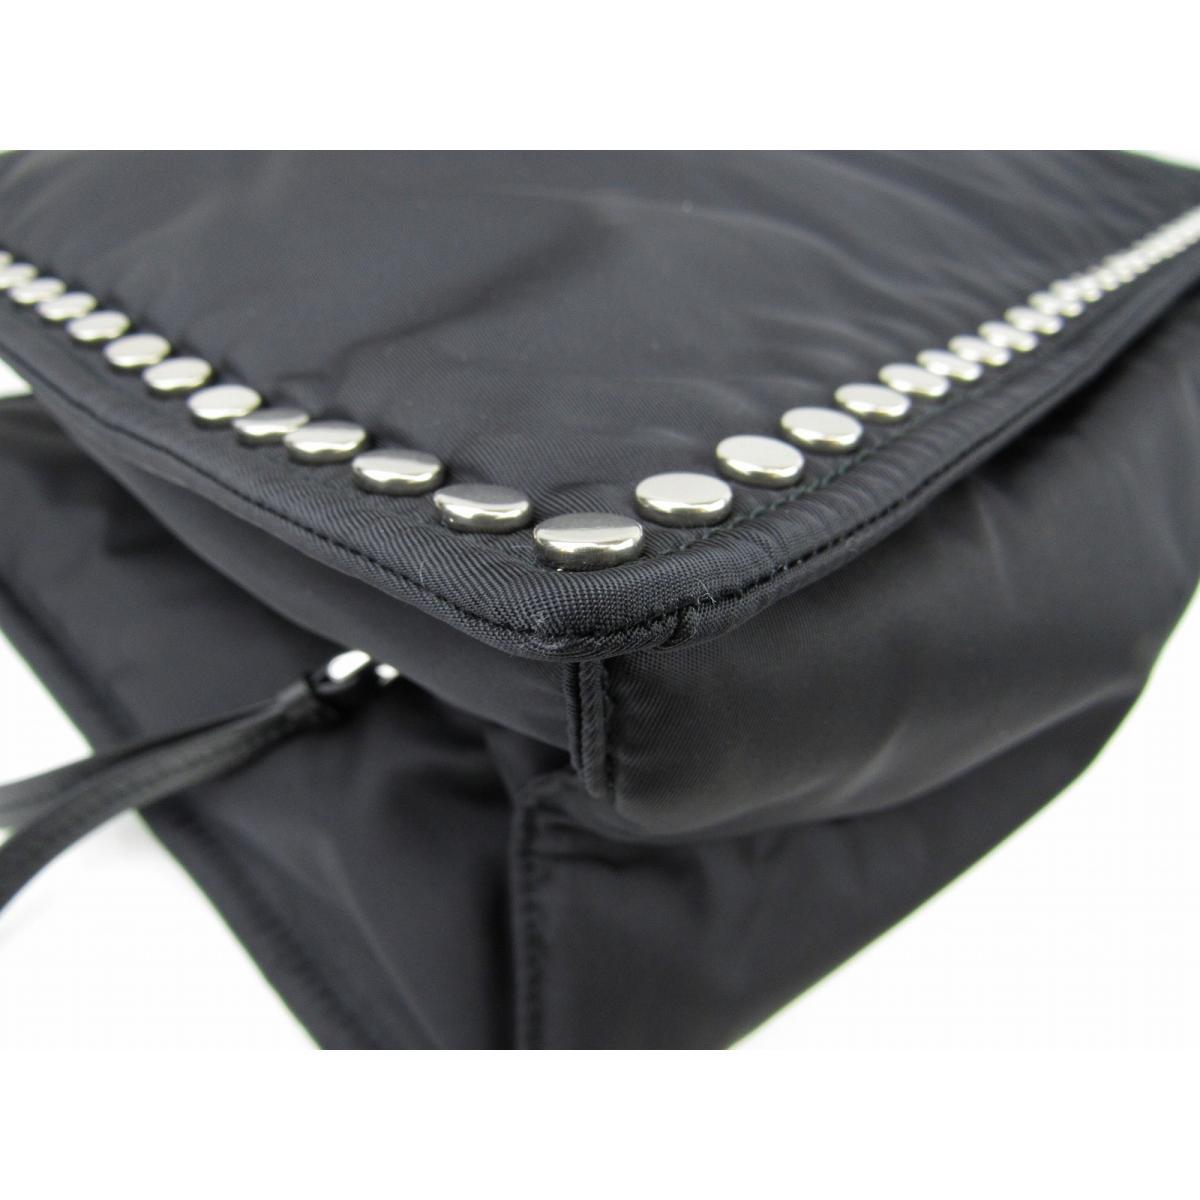 af6acfc9e60f Authentic PRADA Studded Etiquette Shoulder Tote Bag 1BG118 Nylon Leather  Black astral blue